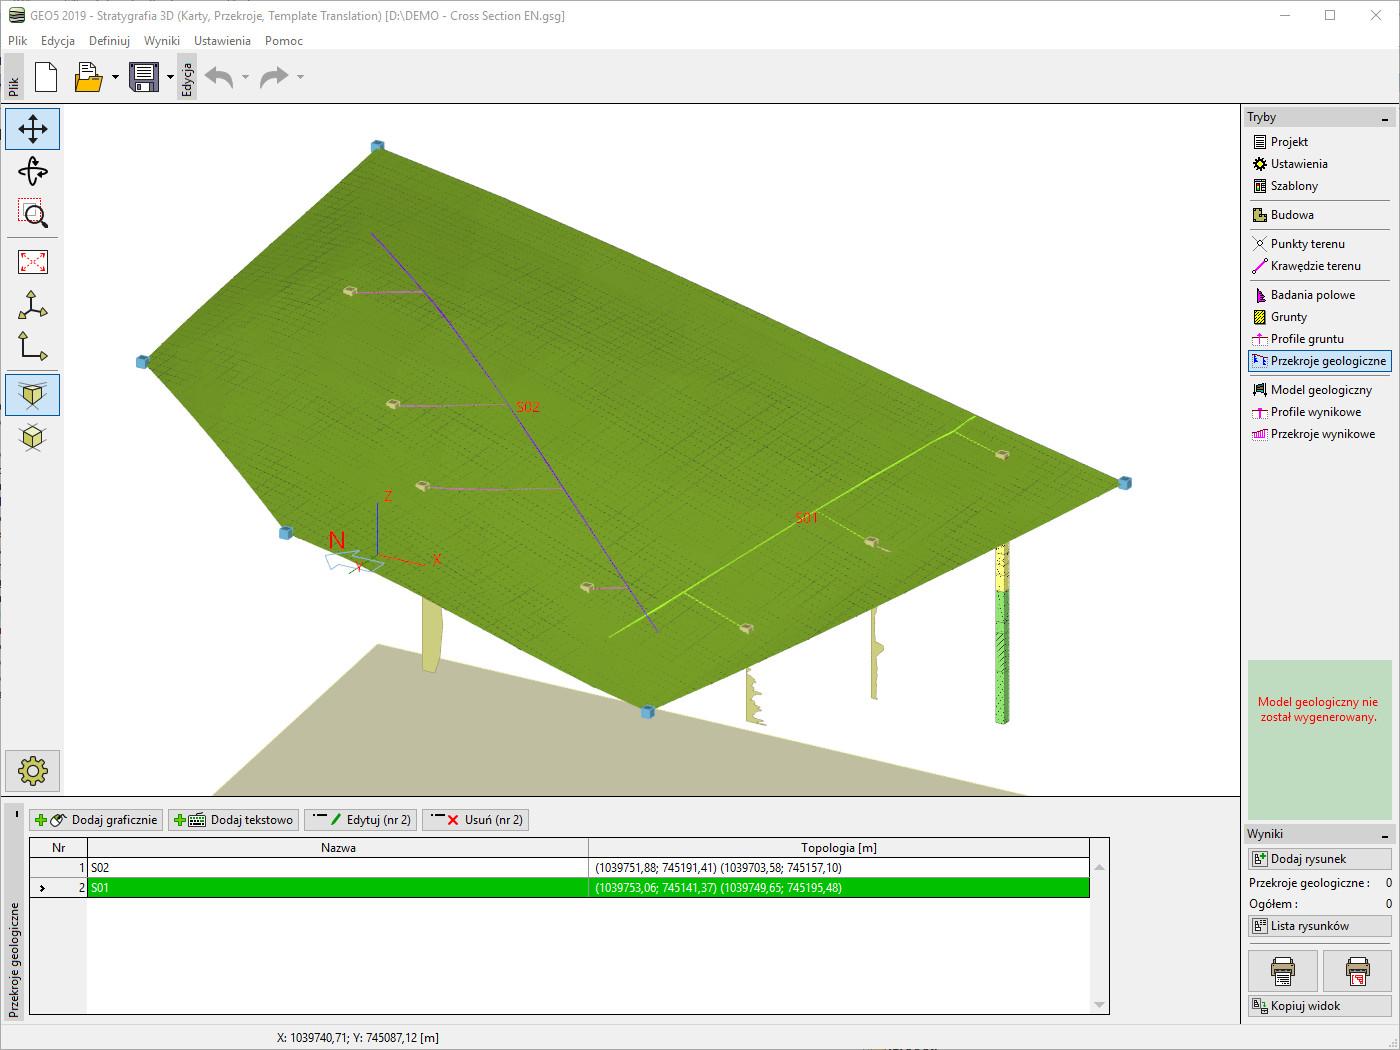 Stratygrafia 3D – Przekroje : Definiowanie nowego przekroju geologicznego